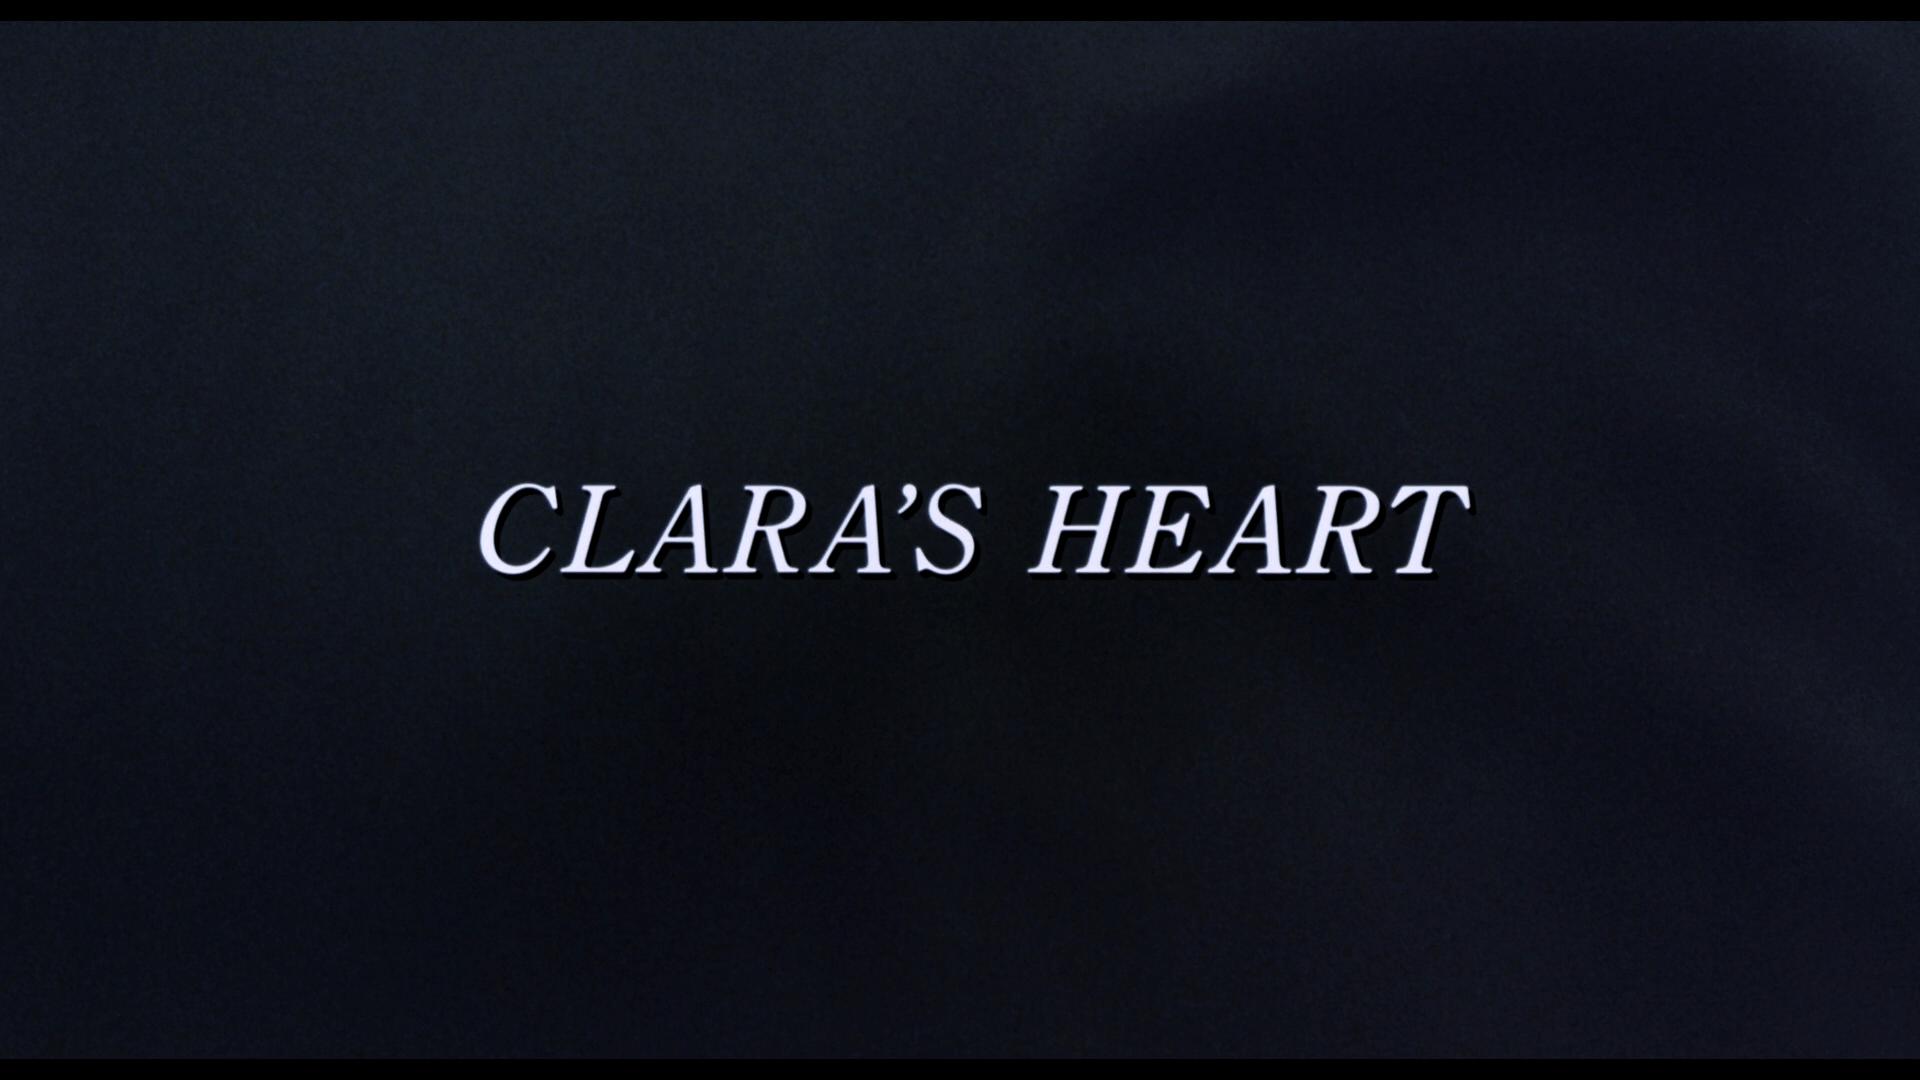 clara's heart title